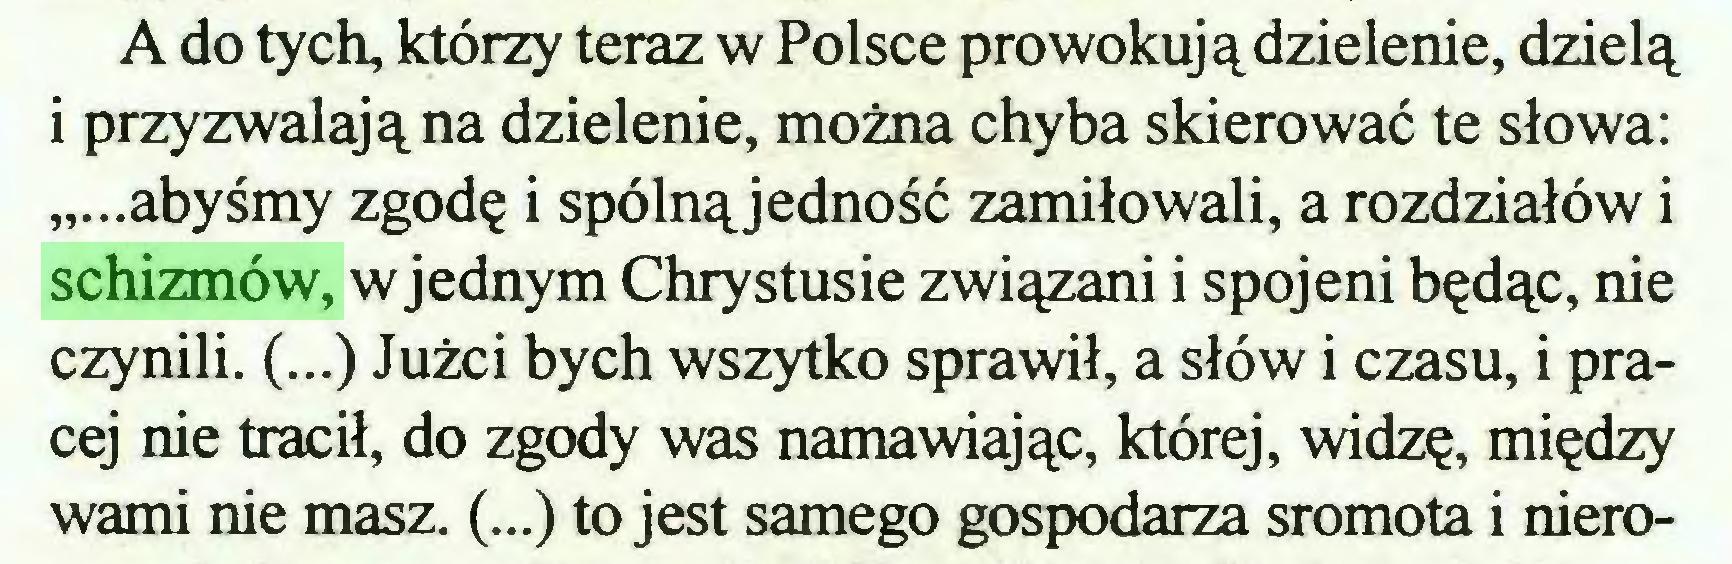 """(...) A do tych, którzy teraz w Polsce prowokują dzielenie, dzielą i przyzwalają na dzielenie, można chyba skierować te słowa: """"...abyśmy zgodę i spólnąjedność zamiłowali, a rozdziałów i schizmów, w jednym Chrystusie związani i spojeni będąc, nie czynili. (...) Jużci bych wszytko sprawił, a słów i czasu, i prącej nie tracił, do zgody was namawiając, której, widzę, między wami nie masz. (...) to jest samego gospodarza sromota i niero..."""